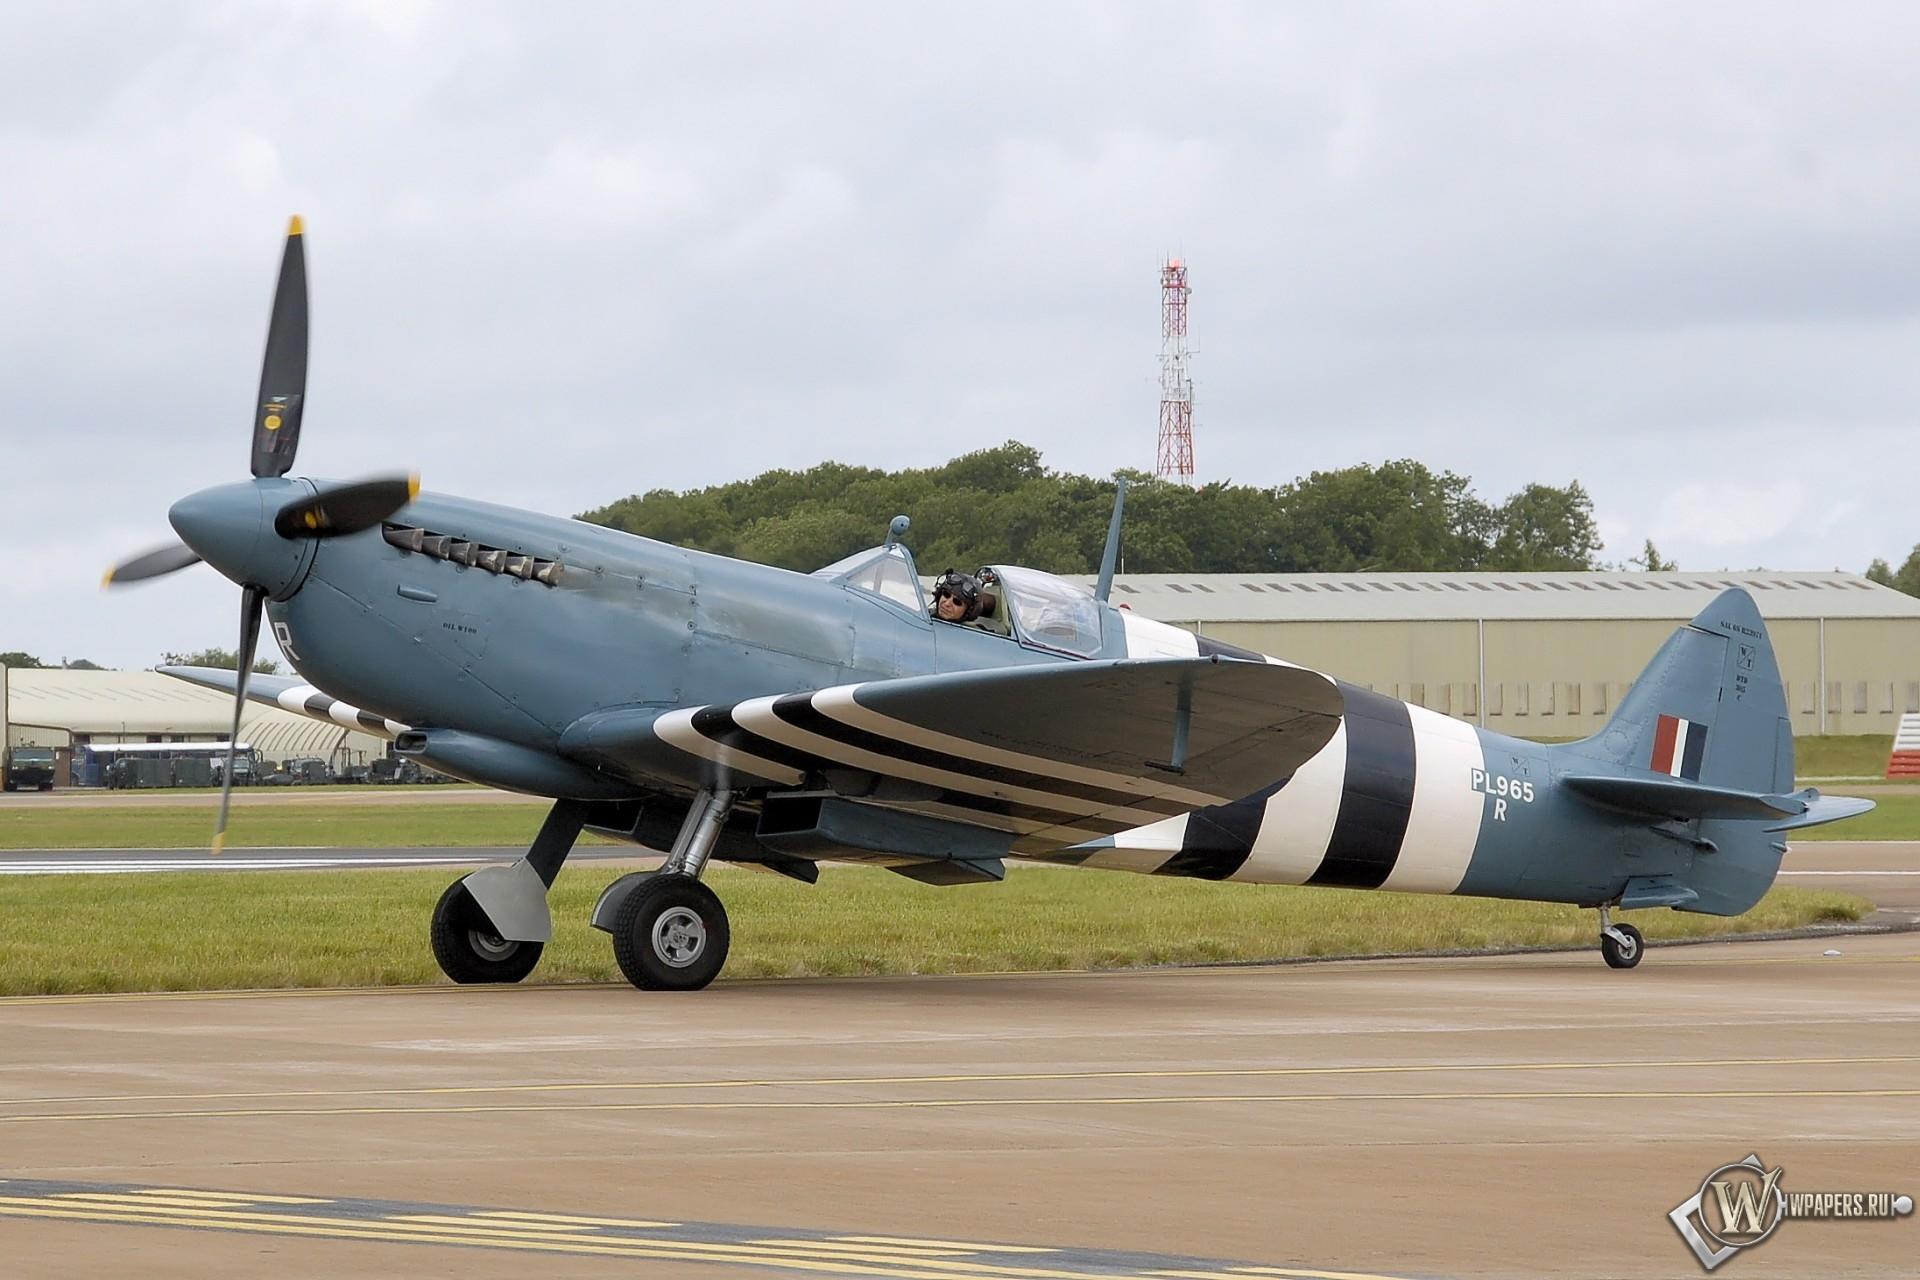 Supermarine Spitfire Mk11 1920x1280